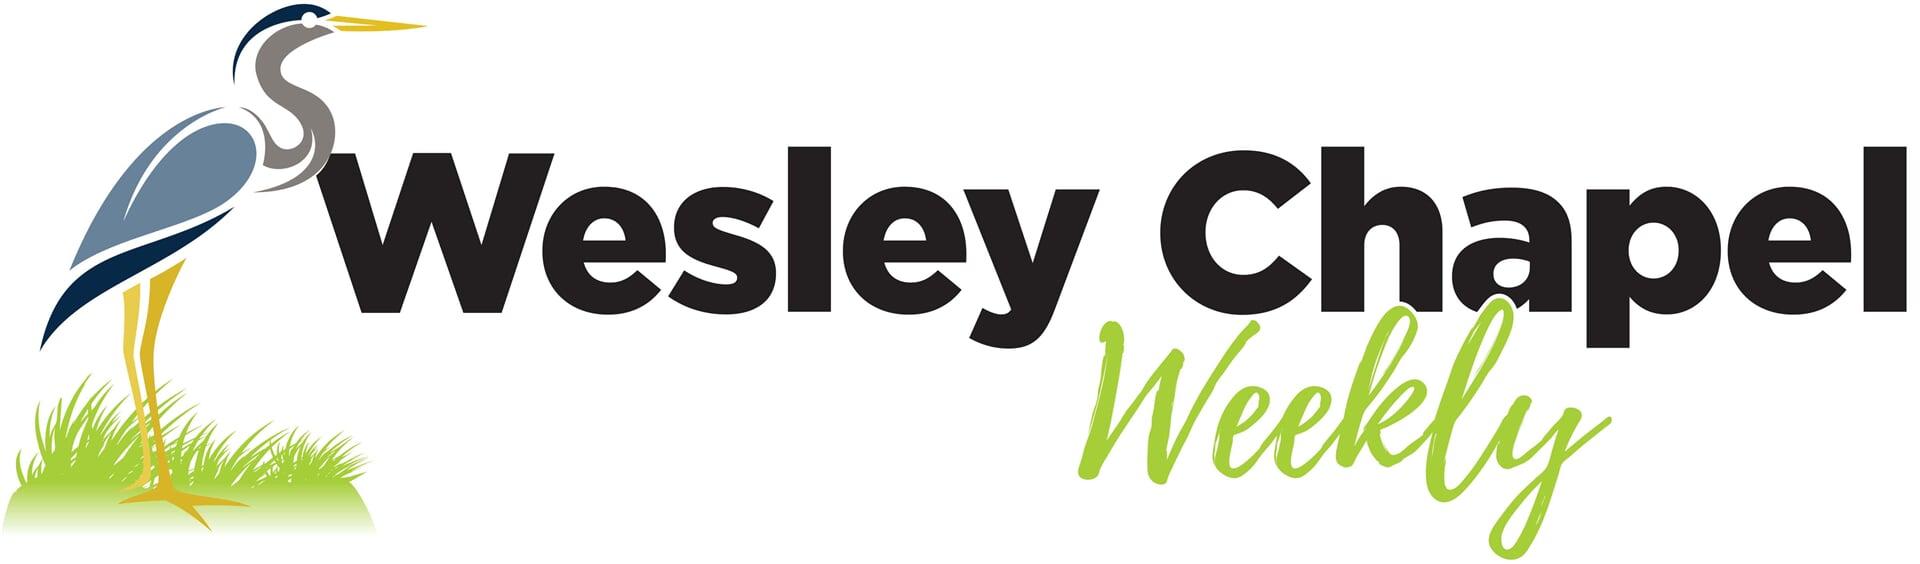 Wesley Chapel Weekly